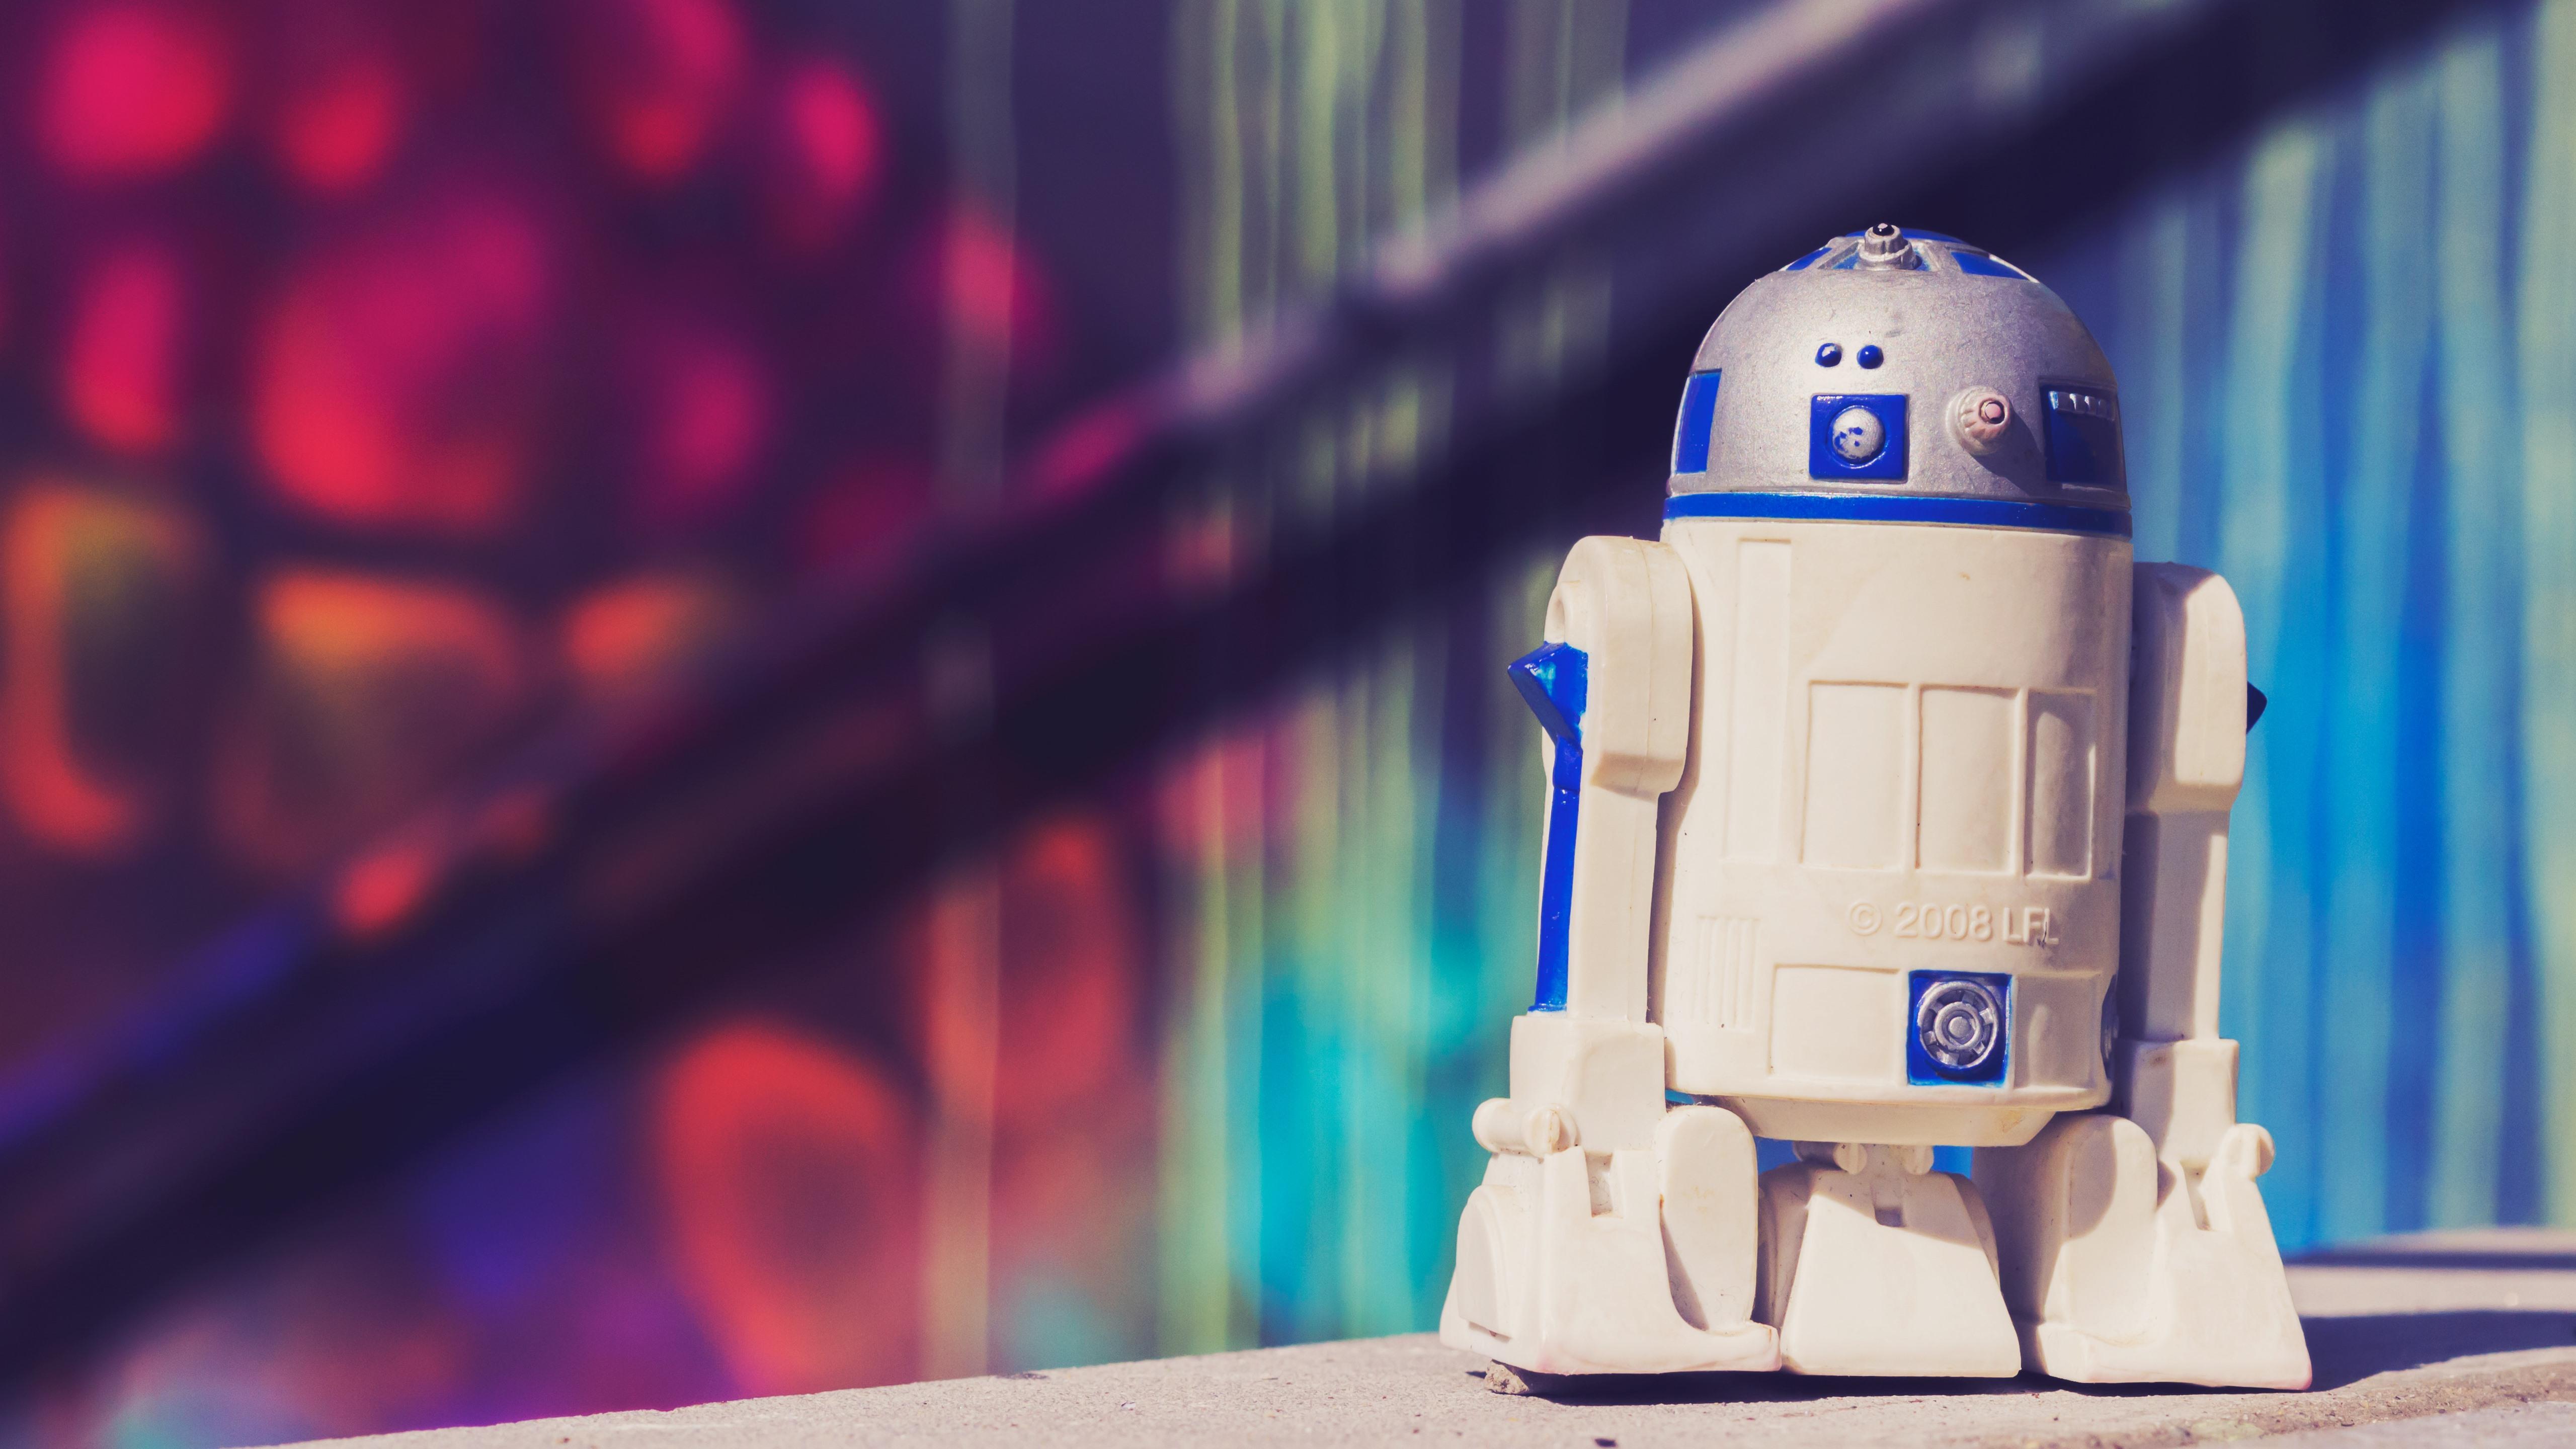 壁紙 R2 D2ロボット玩具 5120x2880 Uhd 5k 無料のデスクトップの背景 画像